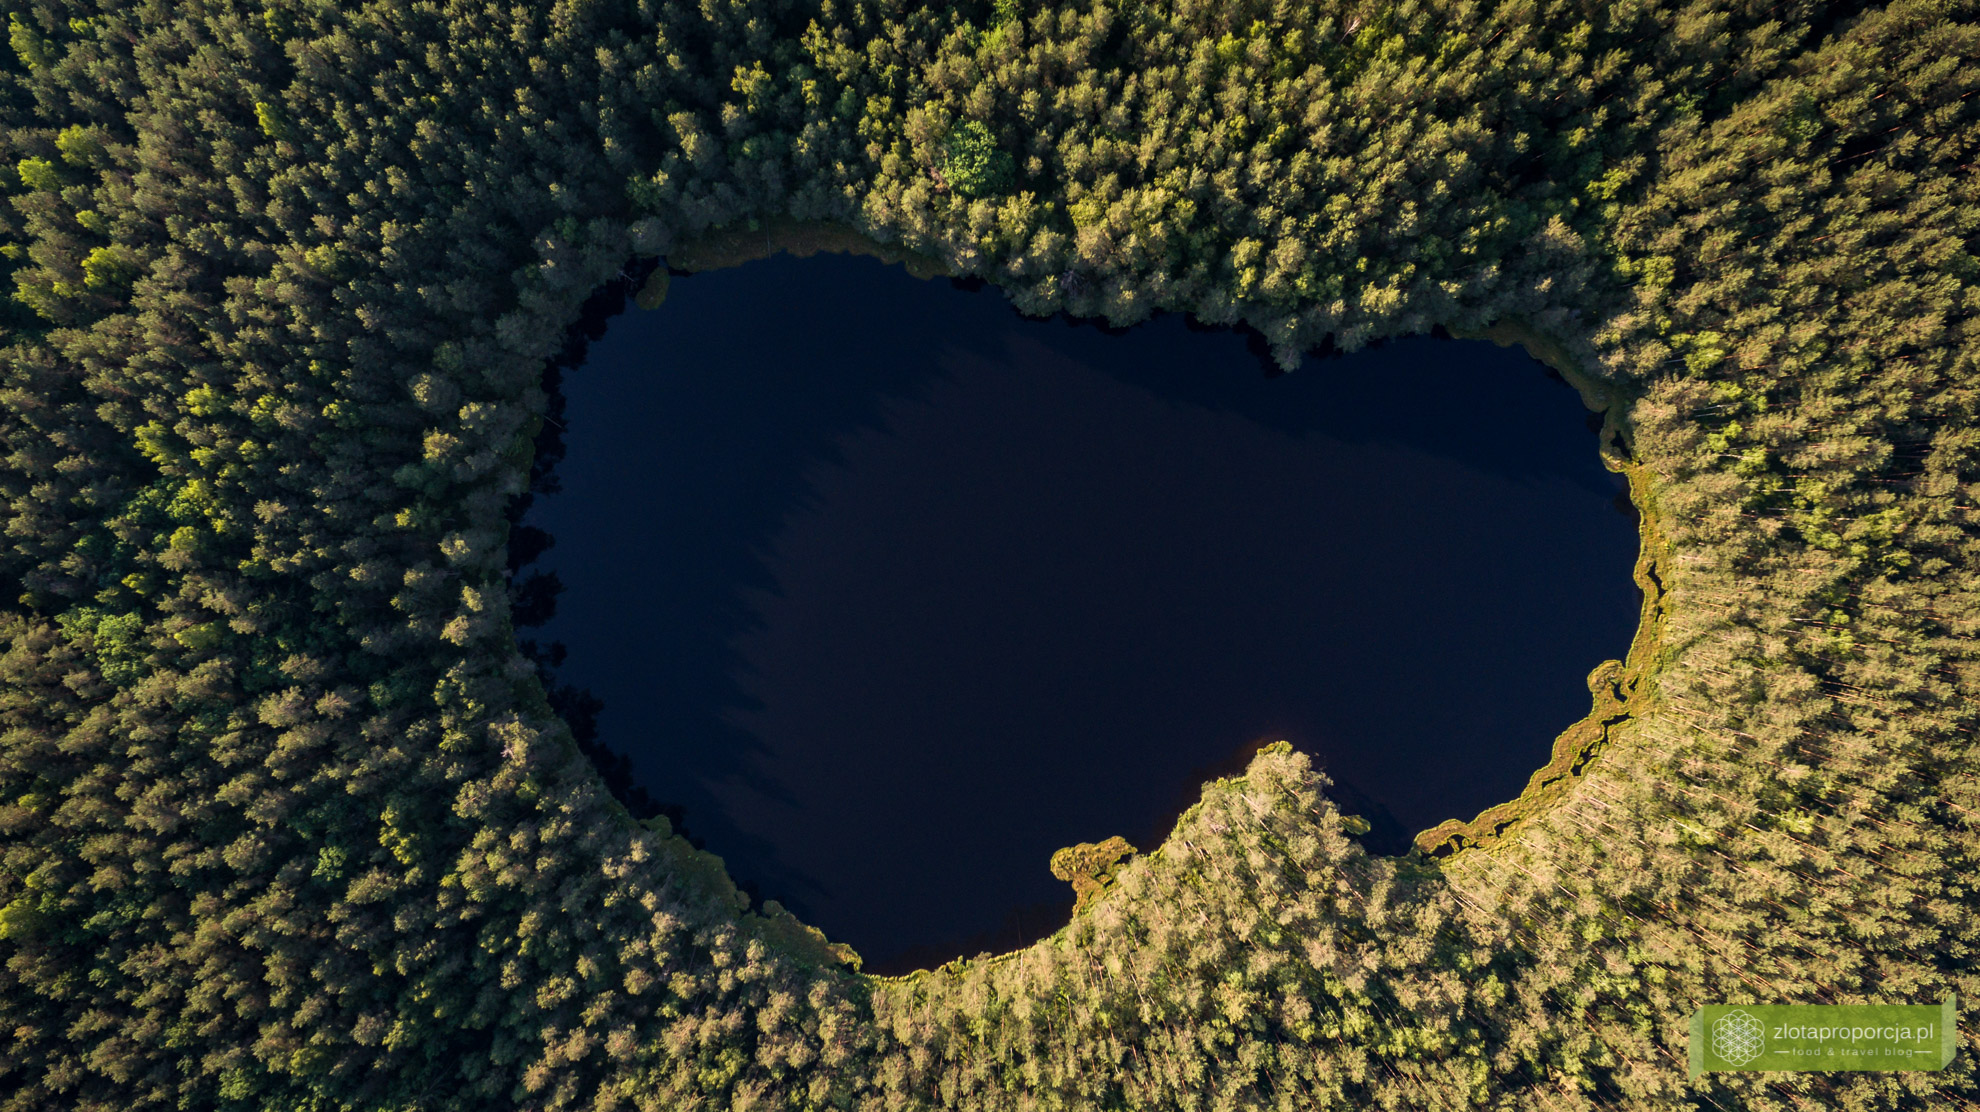 Rezerwat Przyrody Tobolinka, Suwalszczyzna, atrakcje Suwalszczyny, Suwalszczyzna z drona, Podlasie